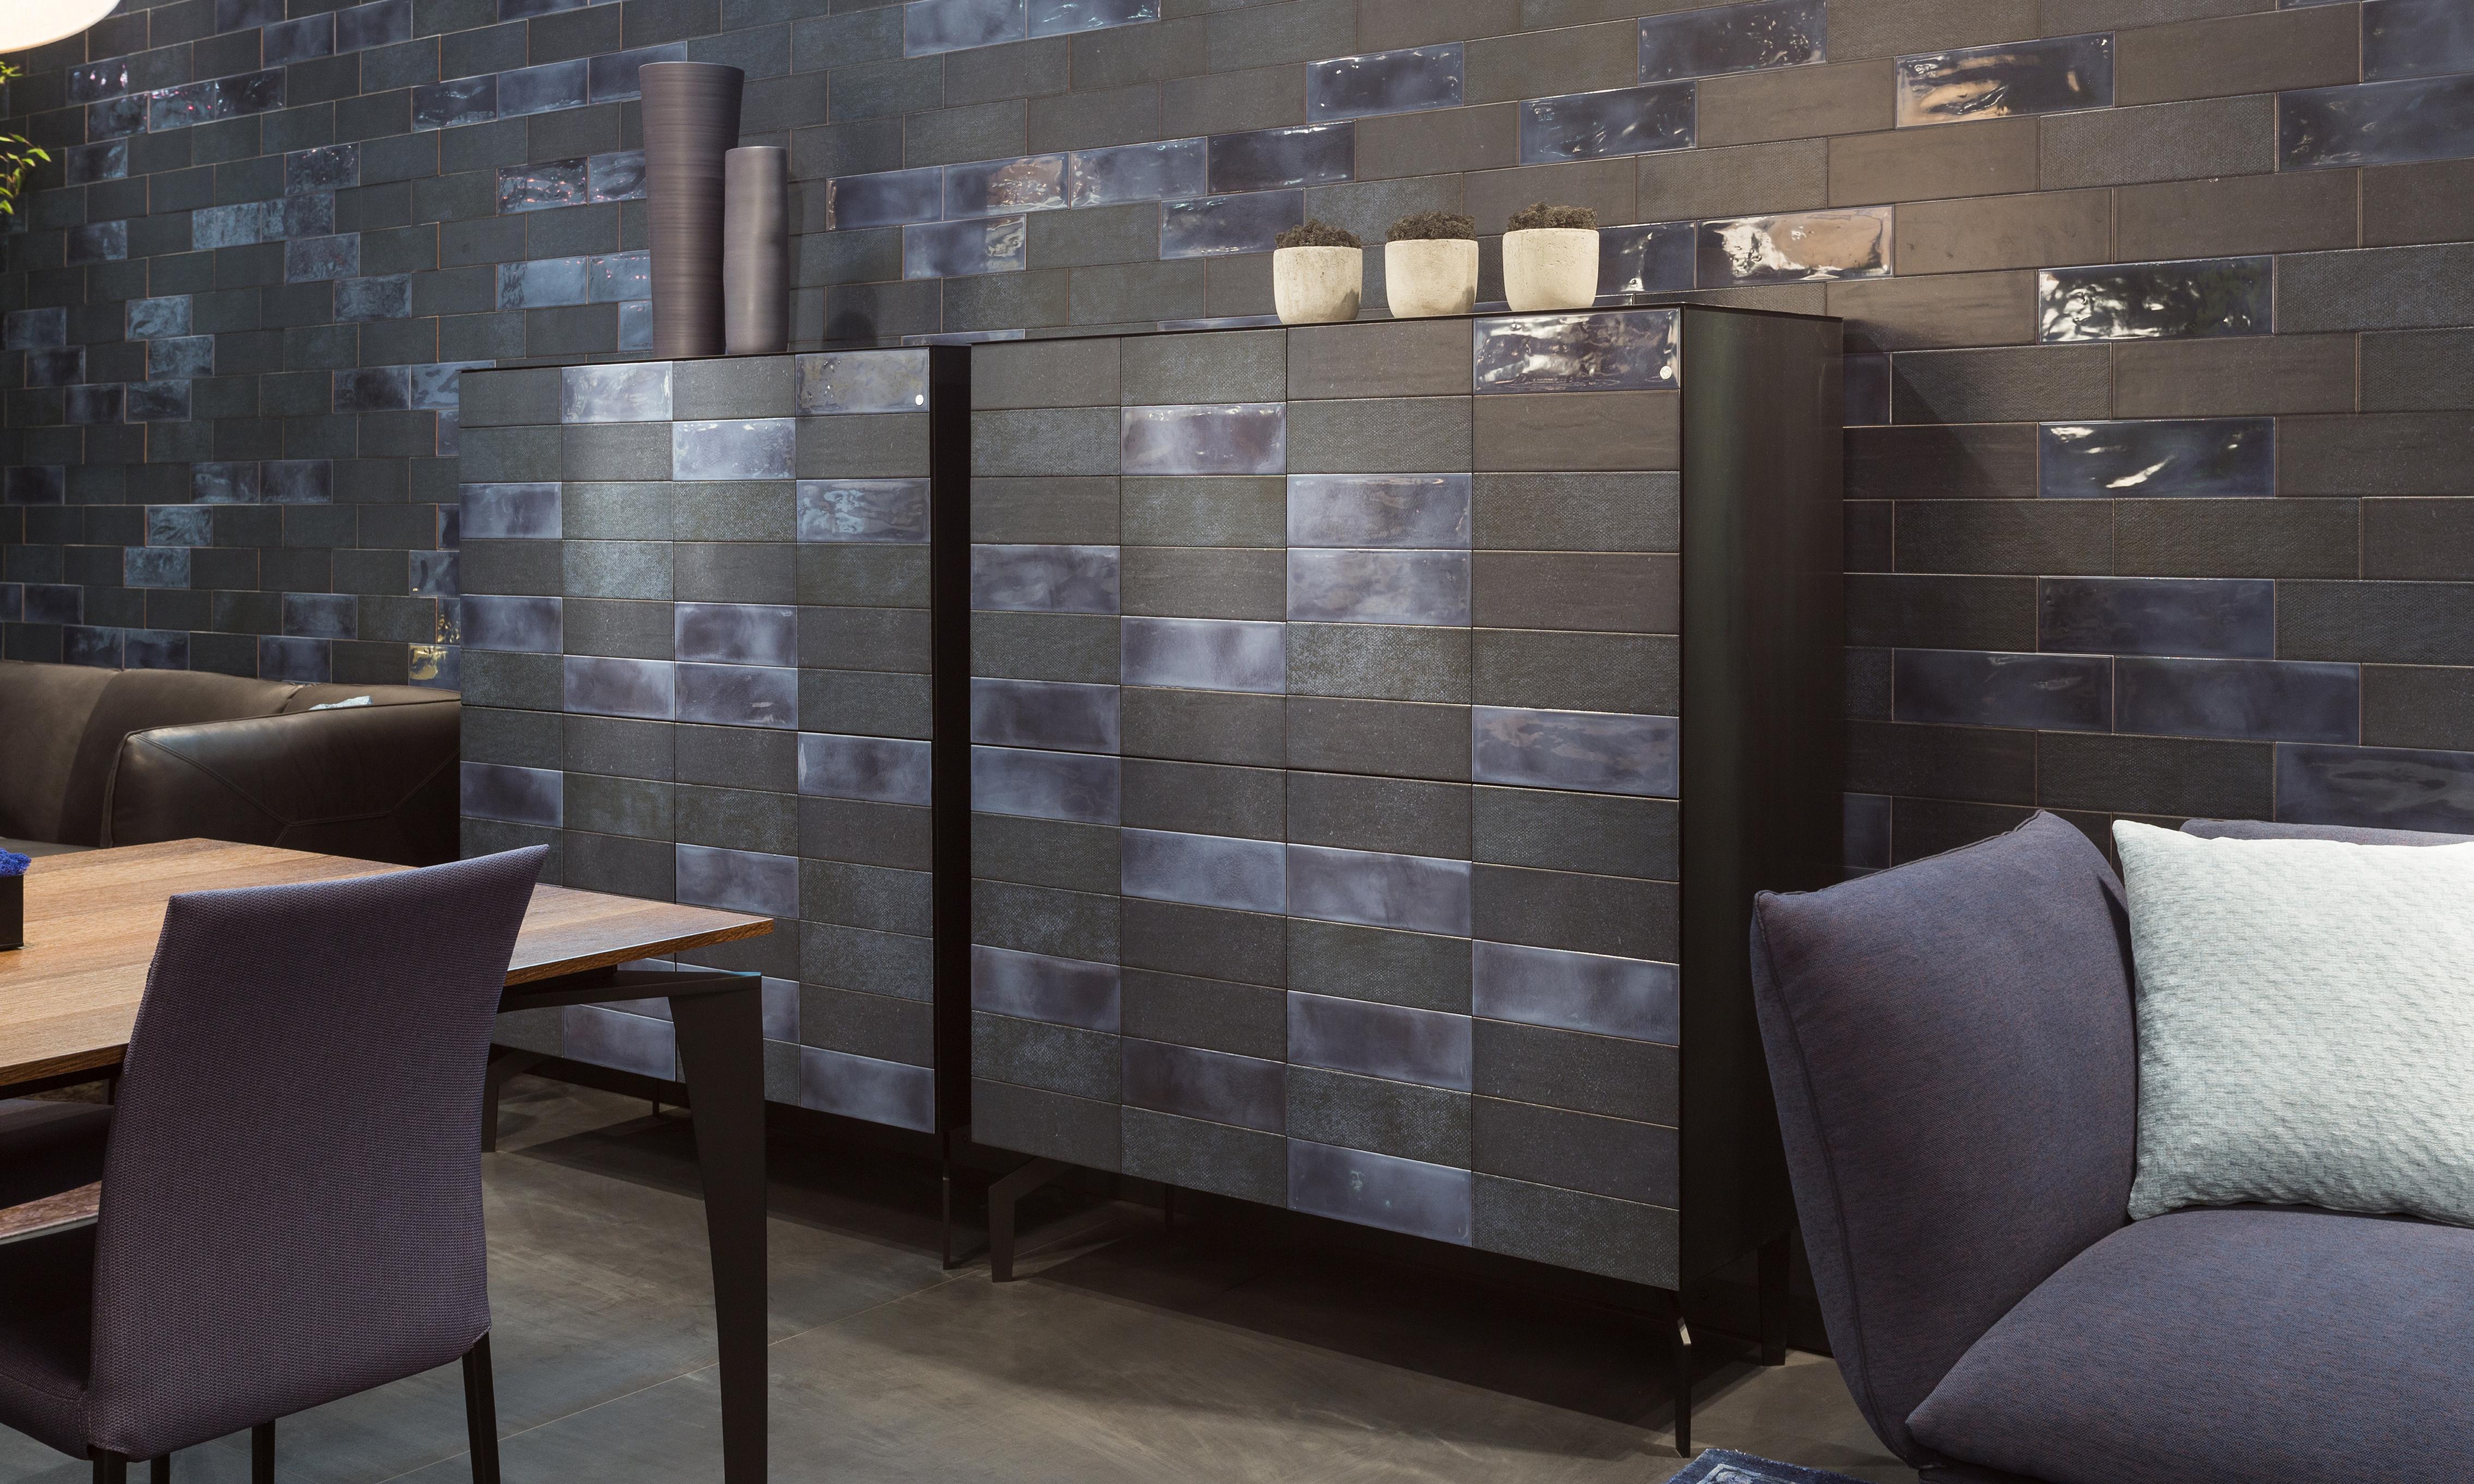 Triss fabriquant de mobilier contemporain haut de gamme for Meubles haut de gamme contemporain